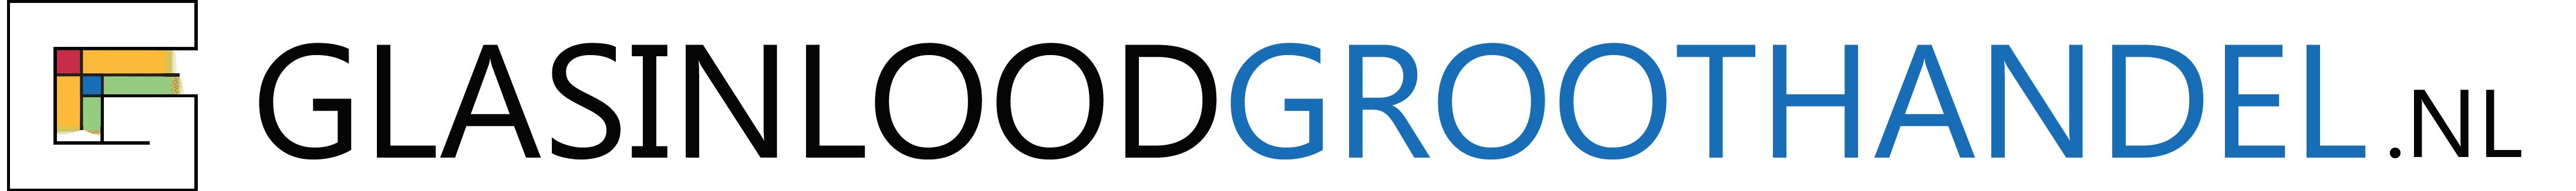 glasinloodGROOTHANDEL.nl